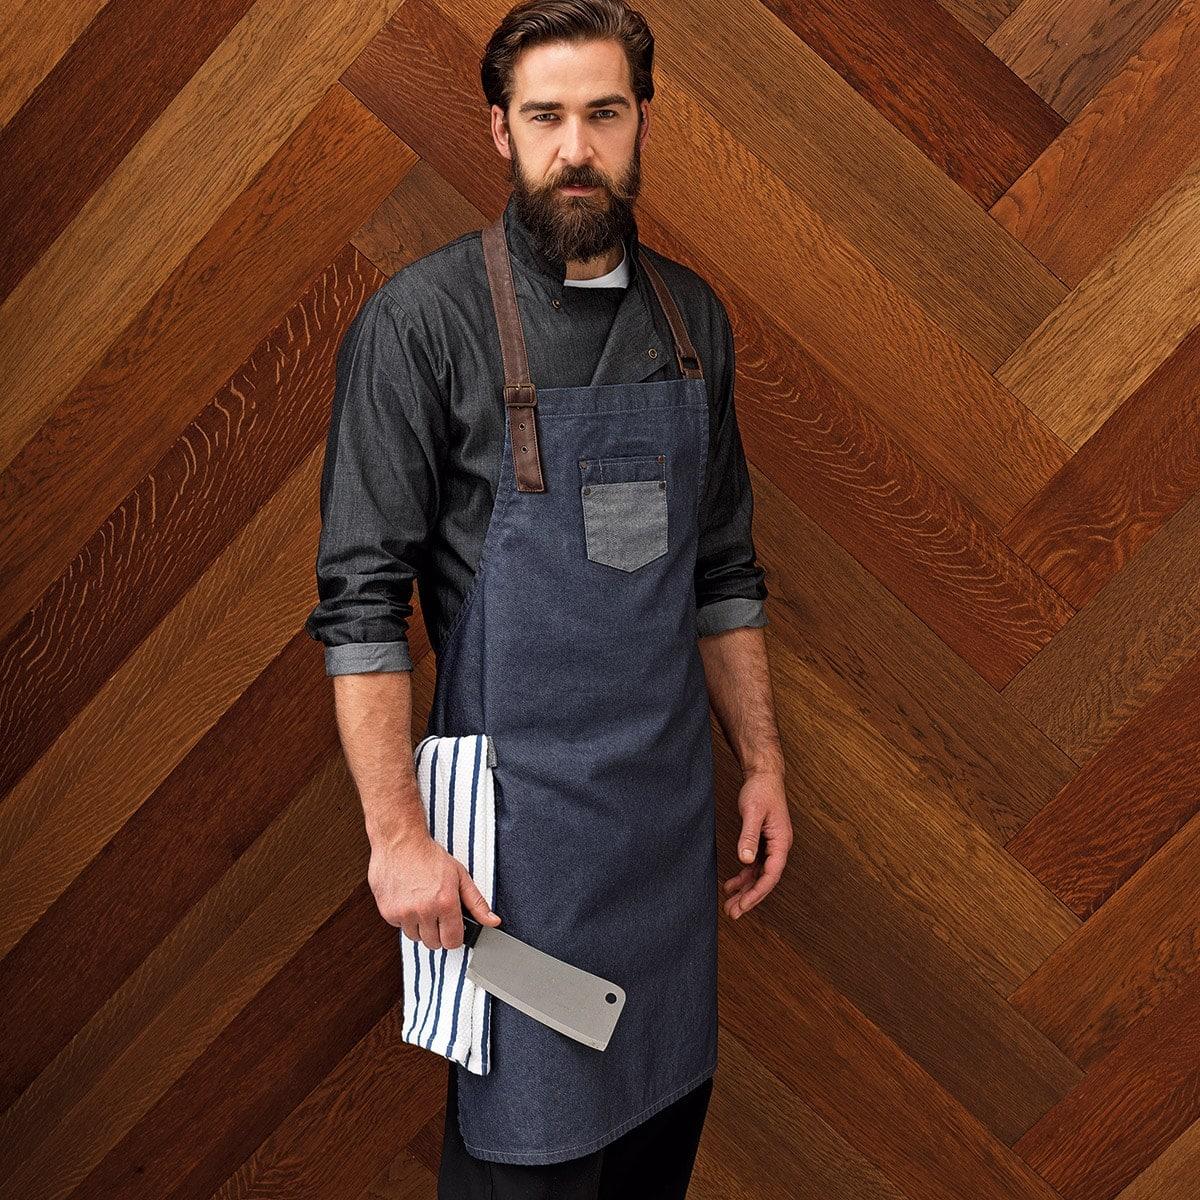 Abbigliamento da lavoro macelleria-PR13604-grembiuli-jeans-vintage-schiena-incrocio-macelleria-min.